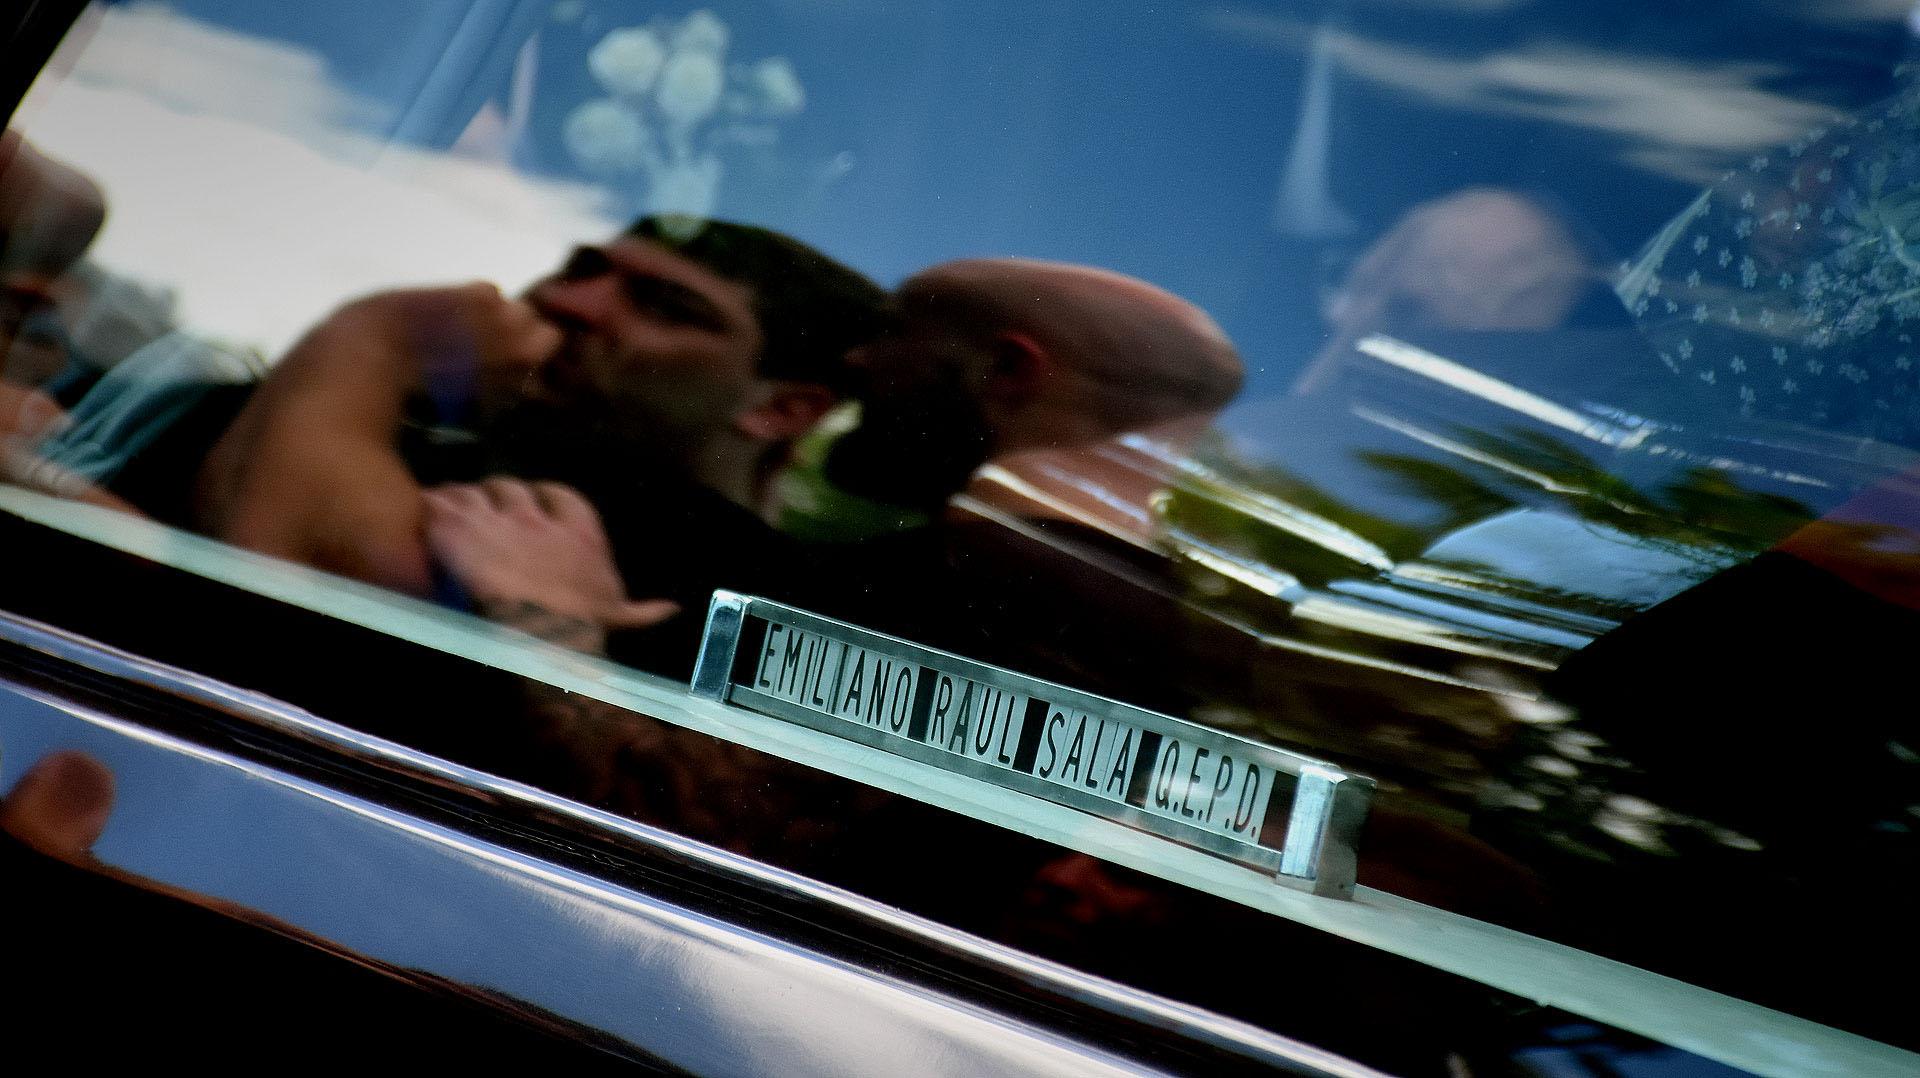 El reflejo de Darío Sala, hermano de Emiliano, en la despedida al jugador (Nicolás Stulberg)